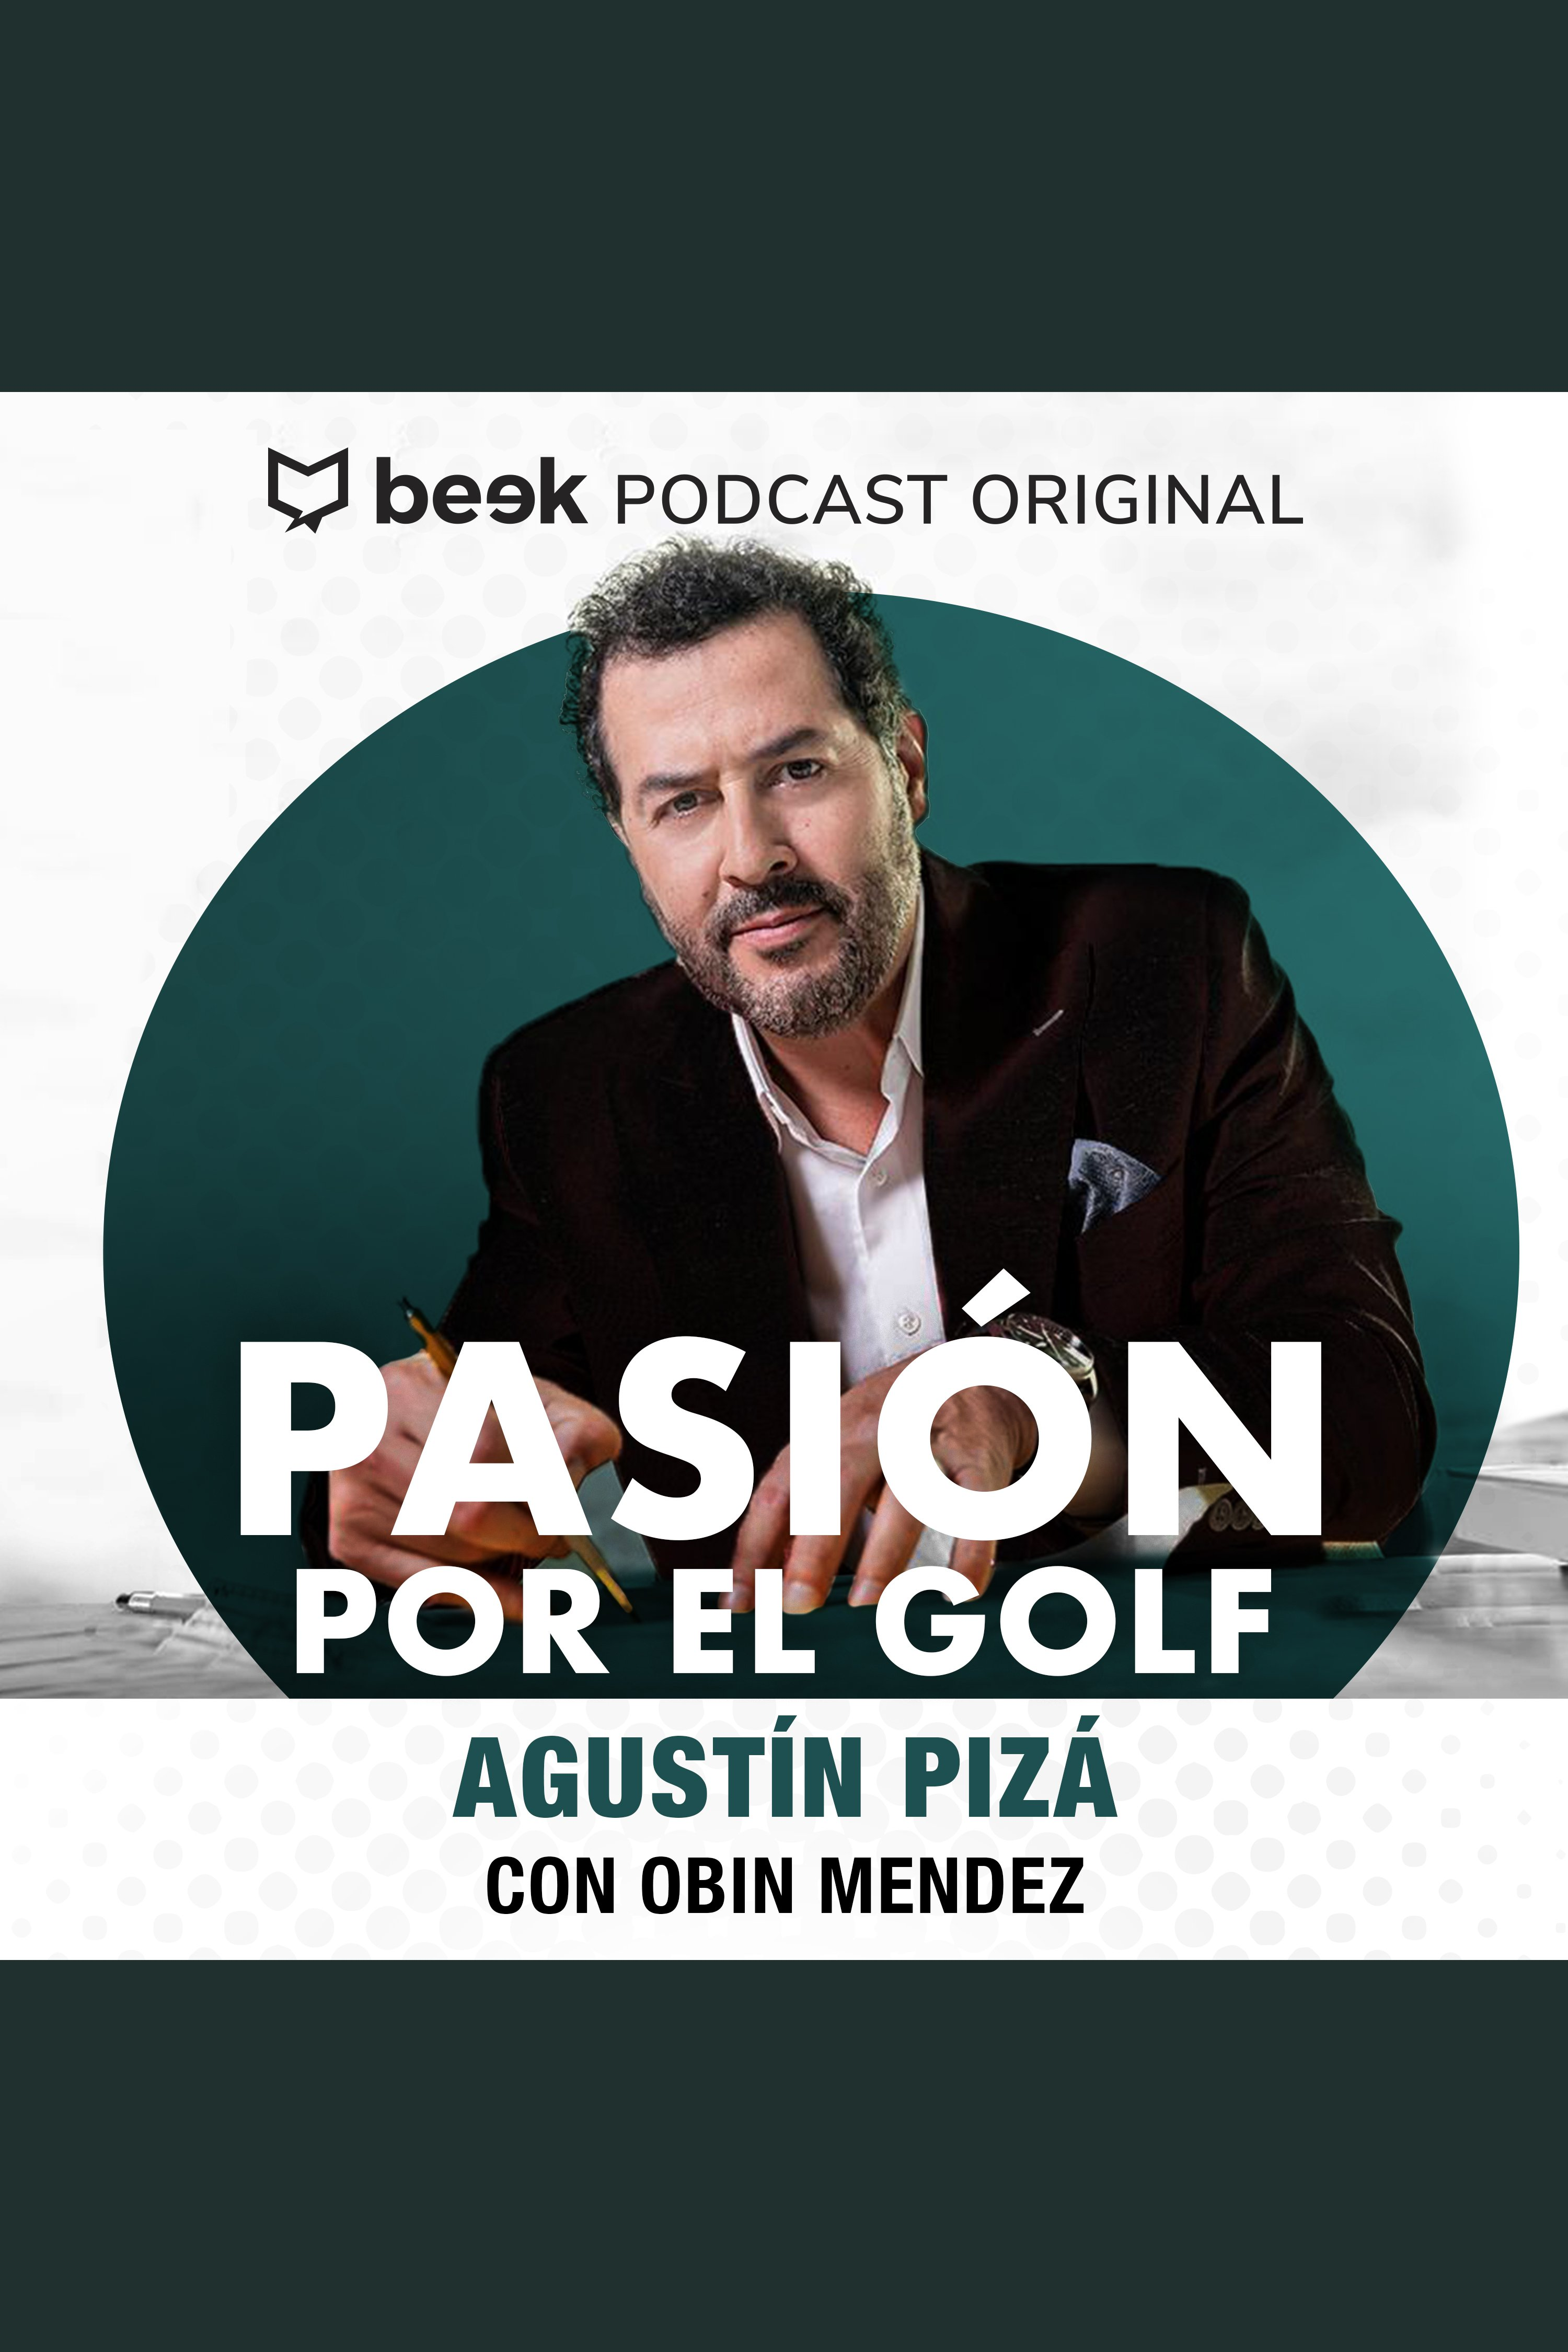 Esta es la portada del audiolibro Obin Mendez